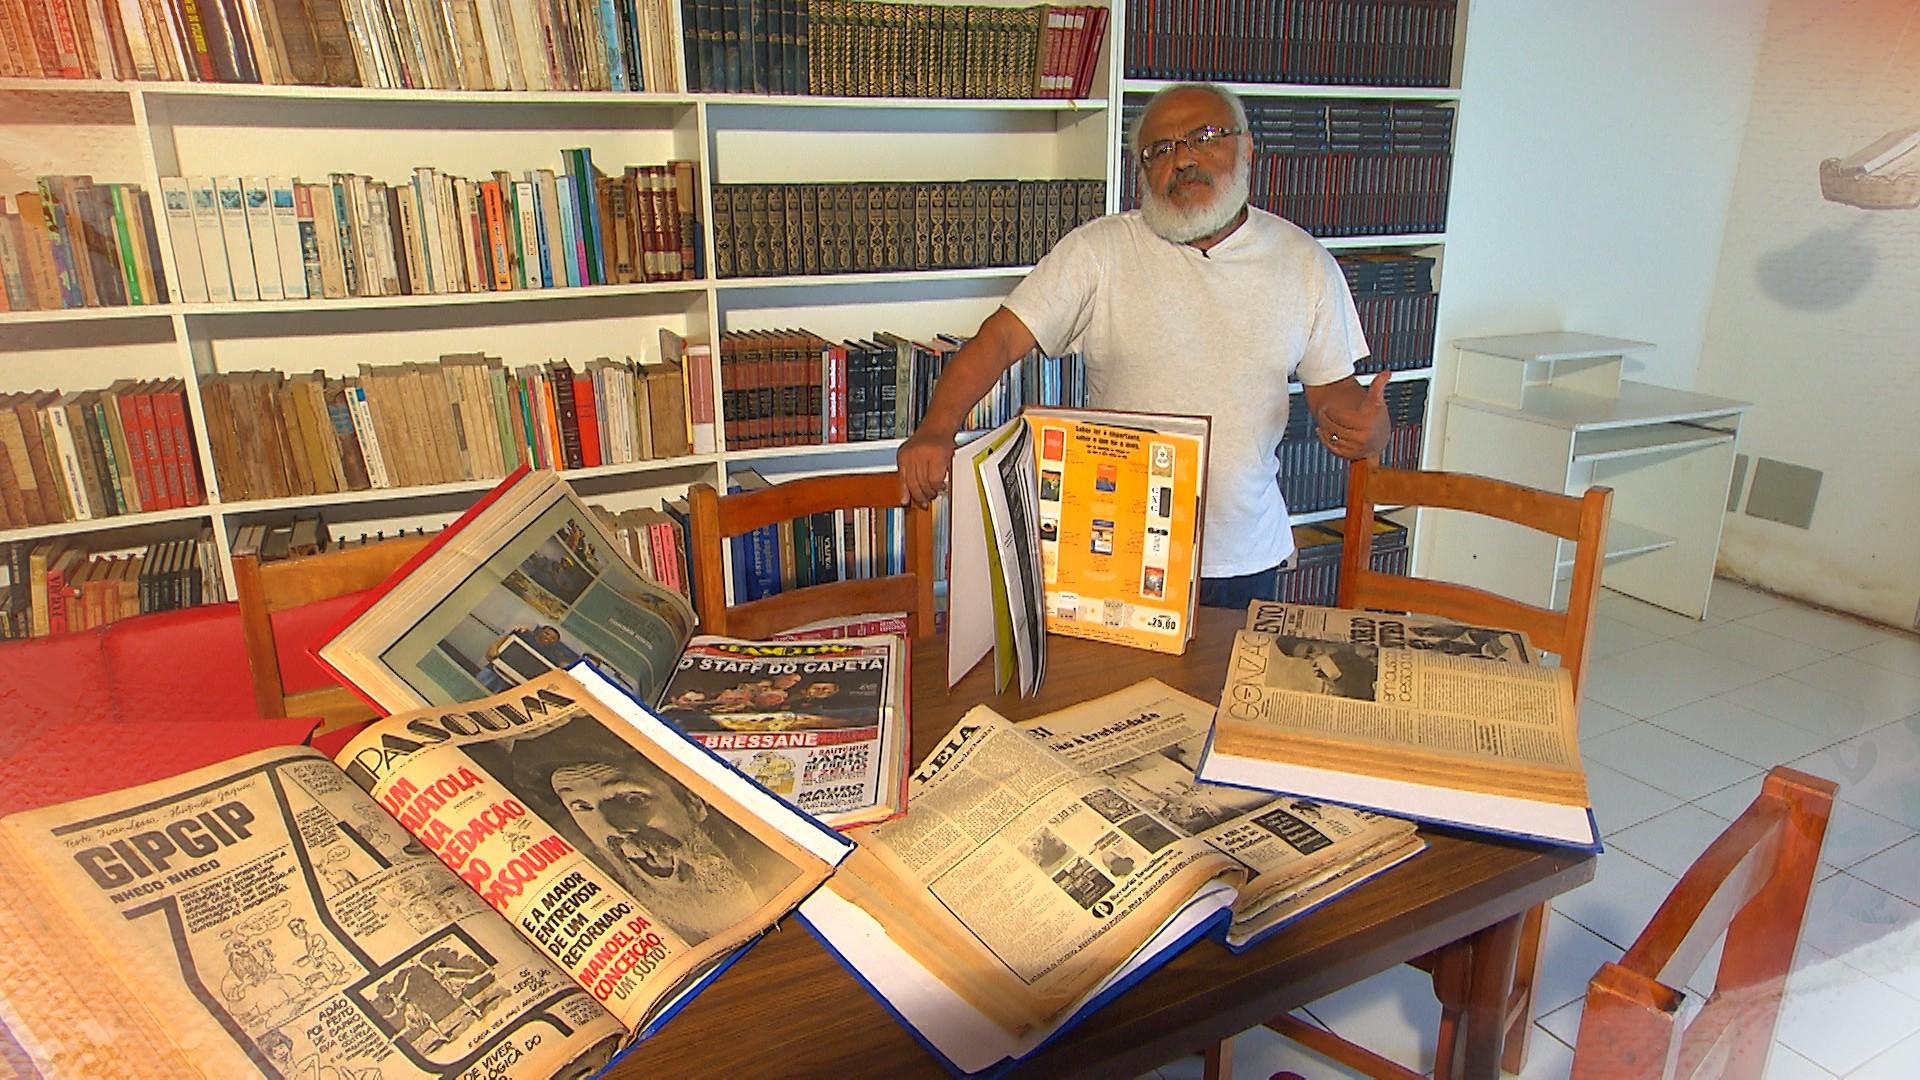 Espaço em Santo Antônio de Jesus reúne livros e material multimídia com acesso livre (Foto: Divulgação)